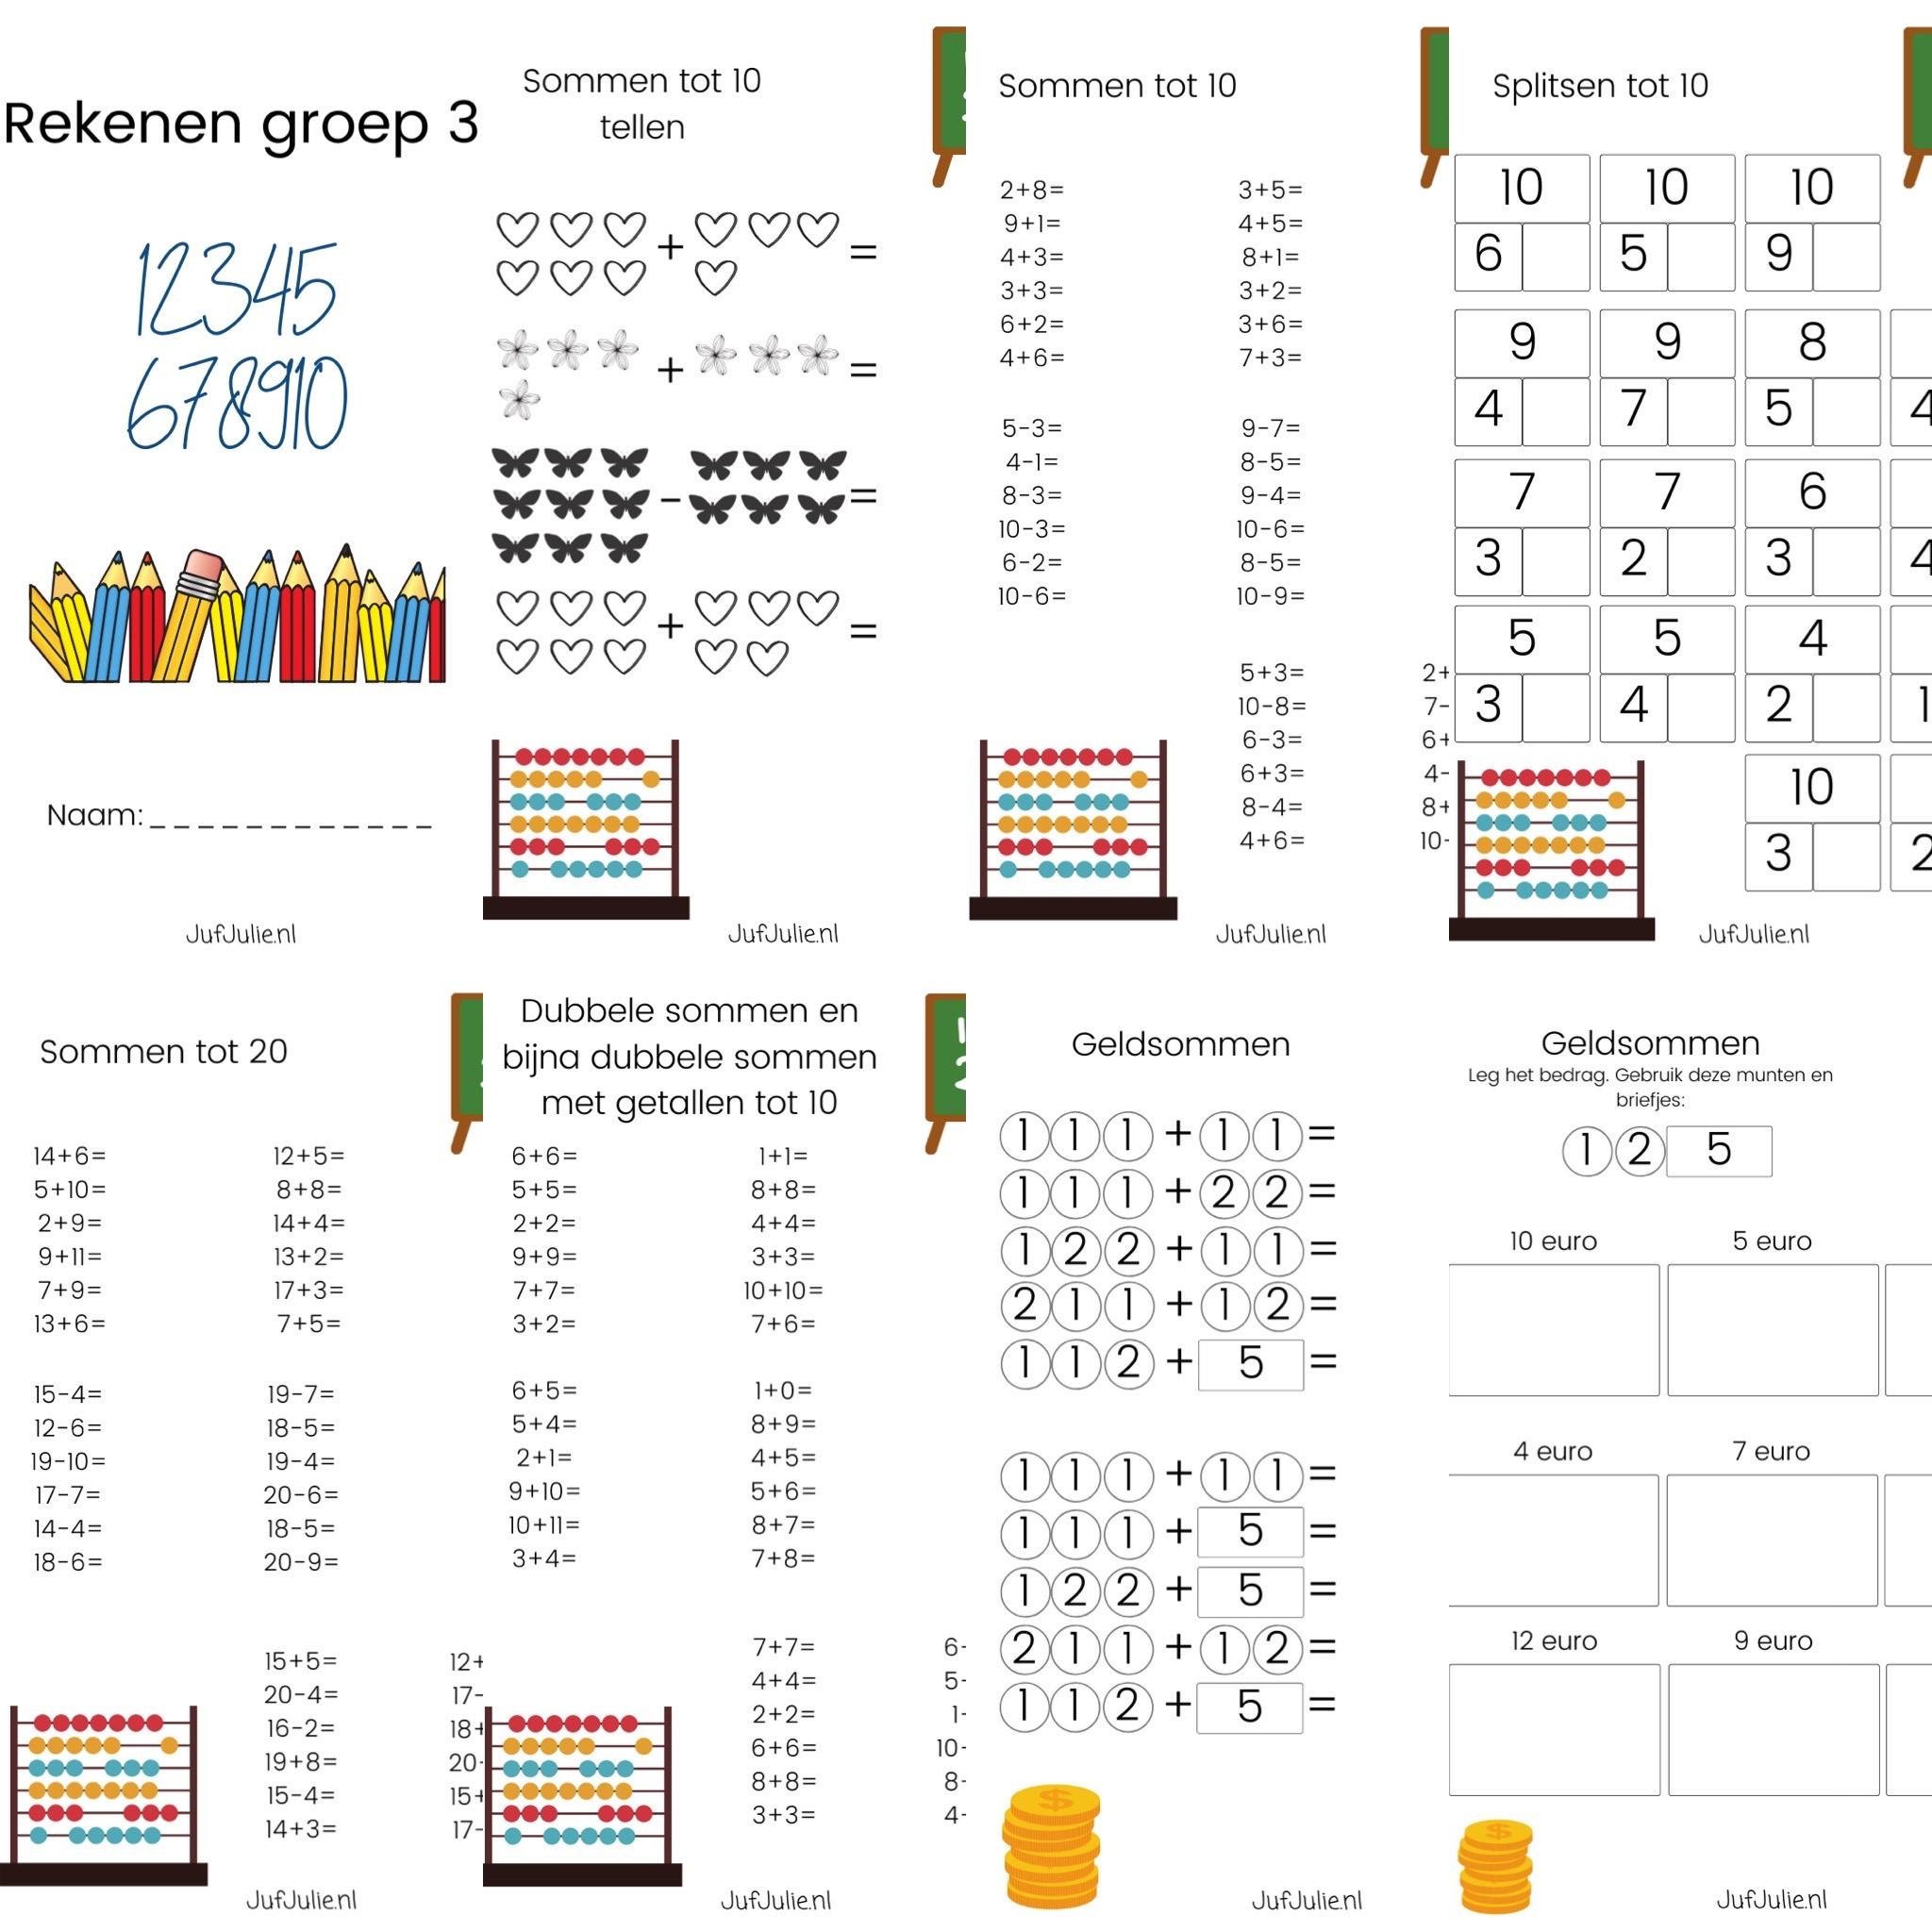 Spiksplinternieuw Werkboekje rekenen groep 3 #1 - Juf Julie GV-46